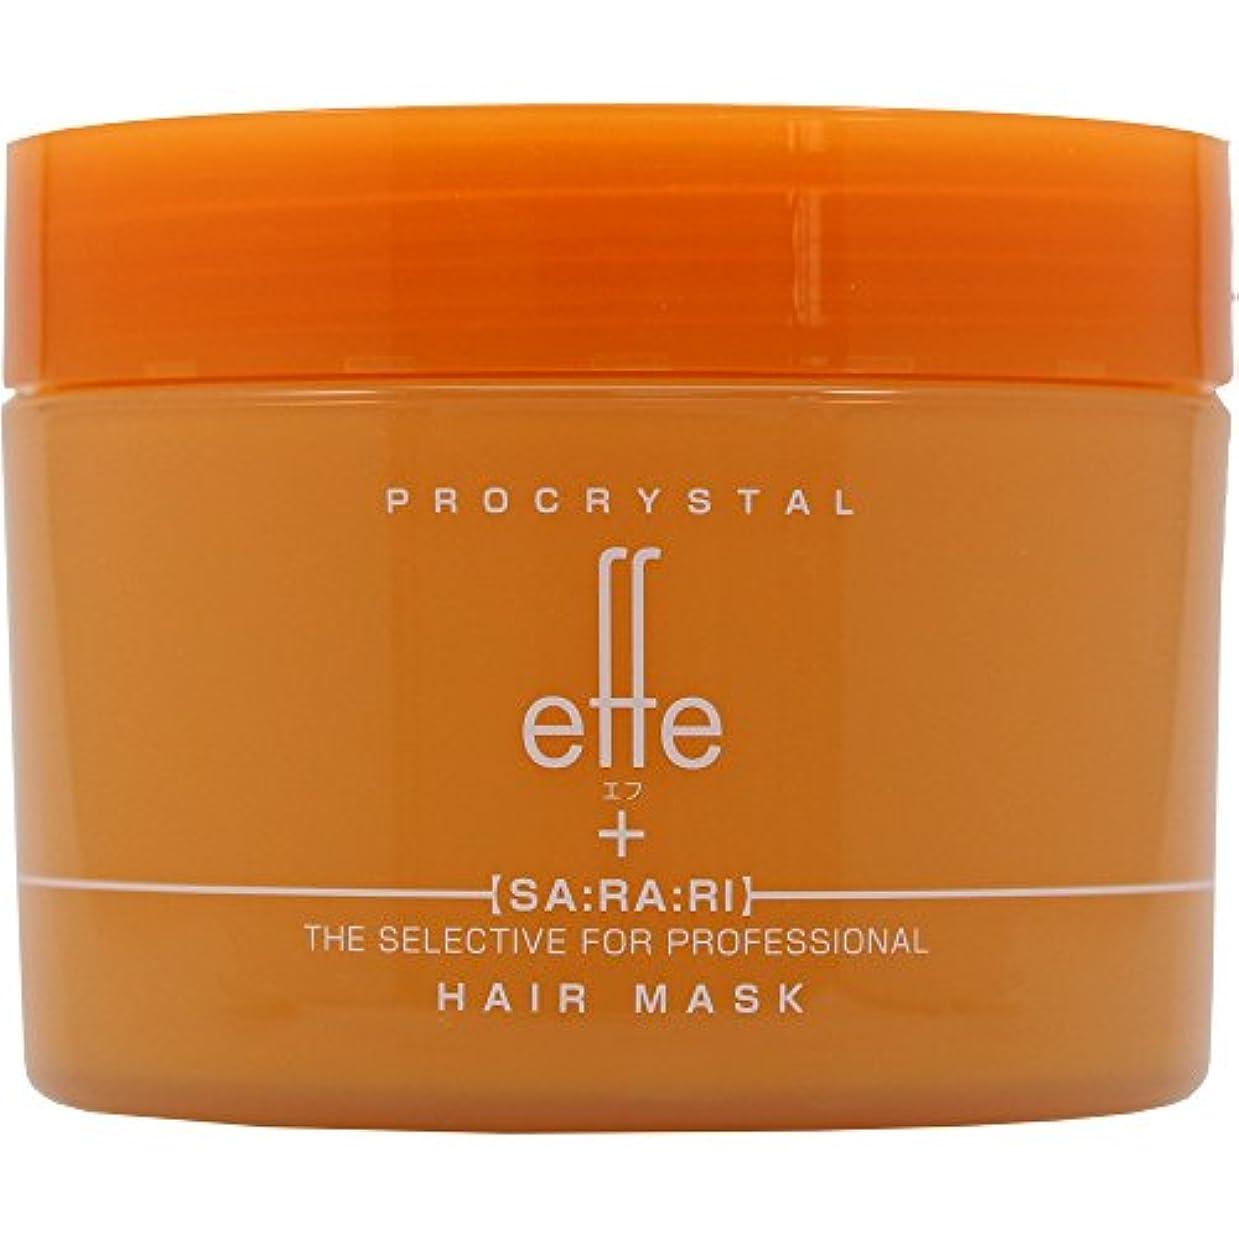 暖炉遺伝的放棄するアペティート化粧品 プロクリスタル effe (エフ) ヘアマスク さらり200g